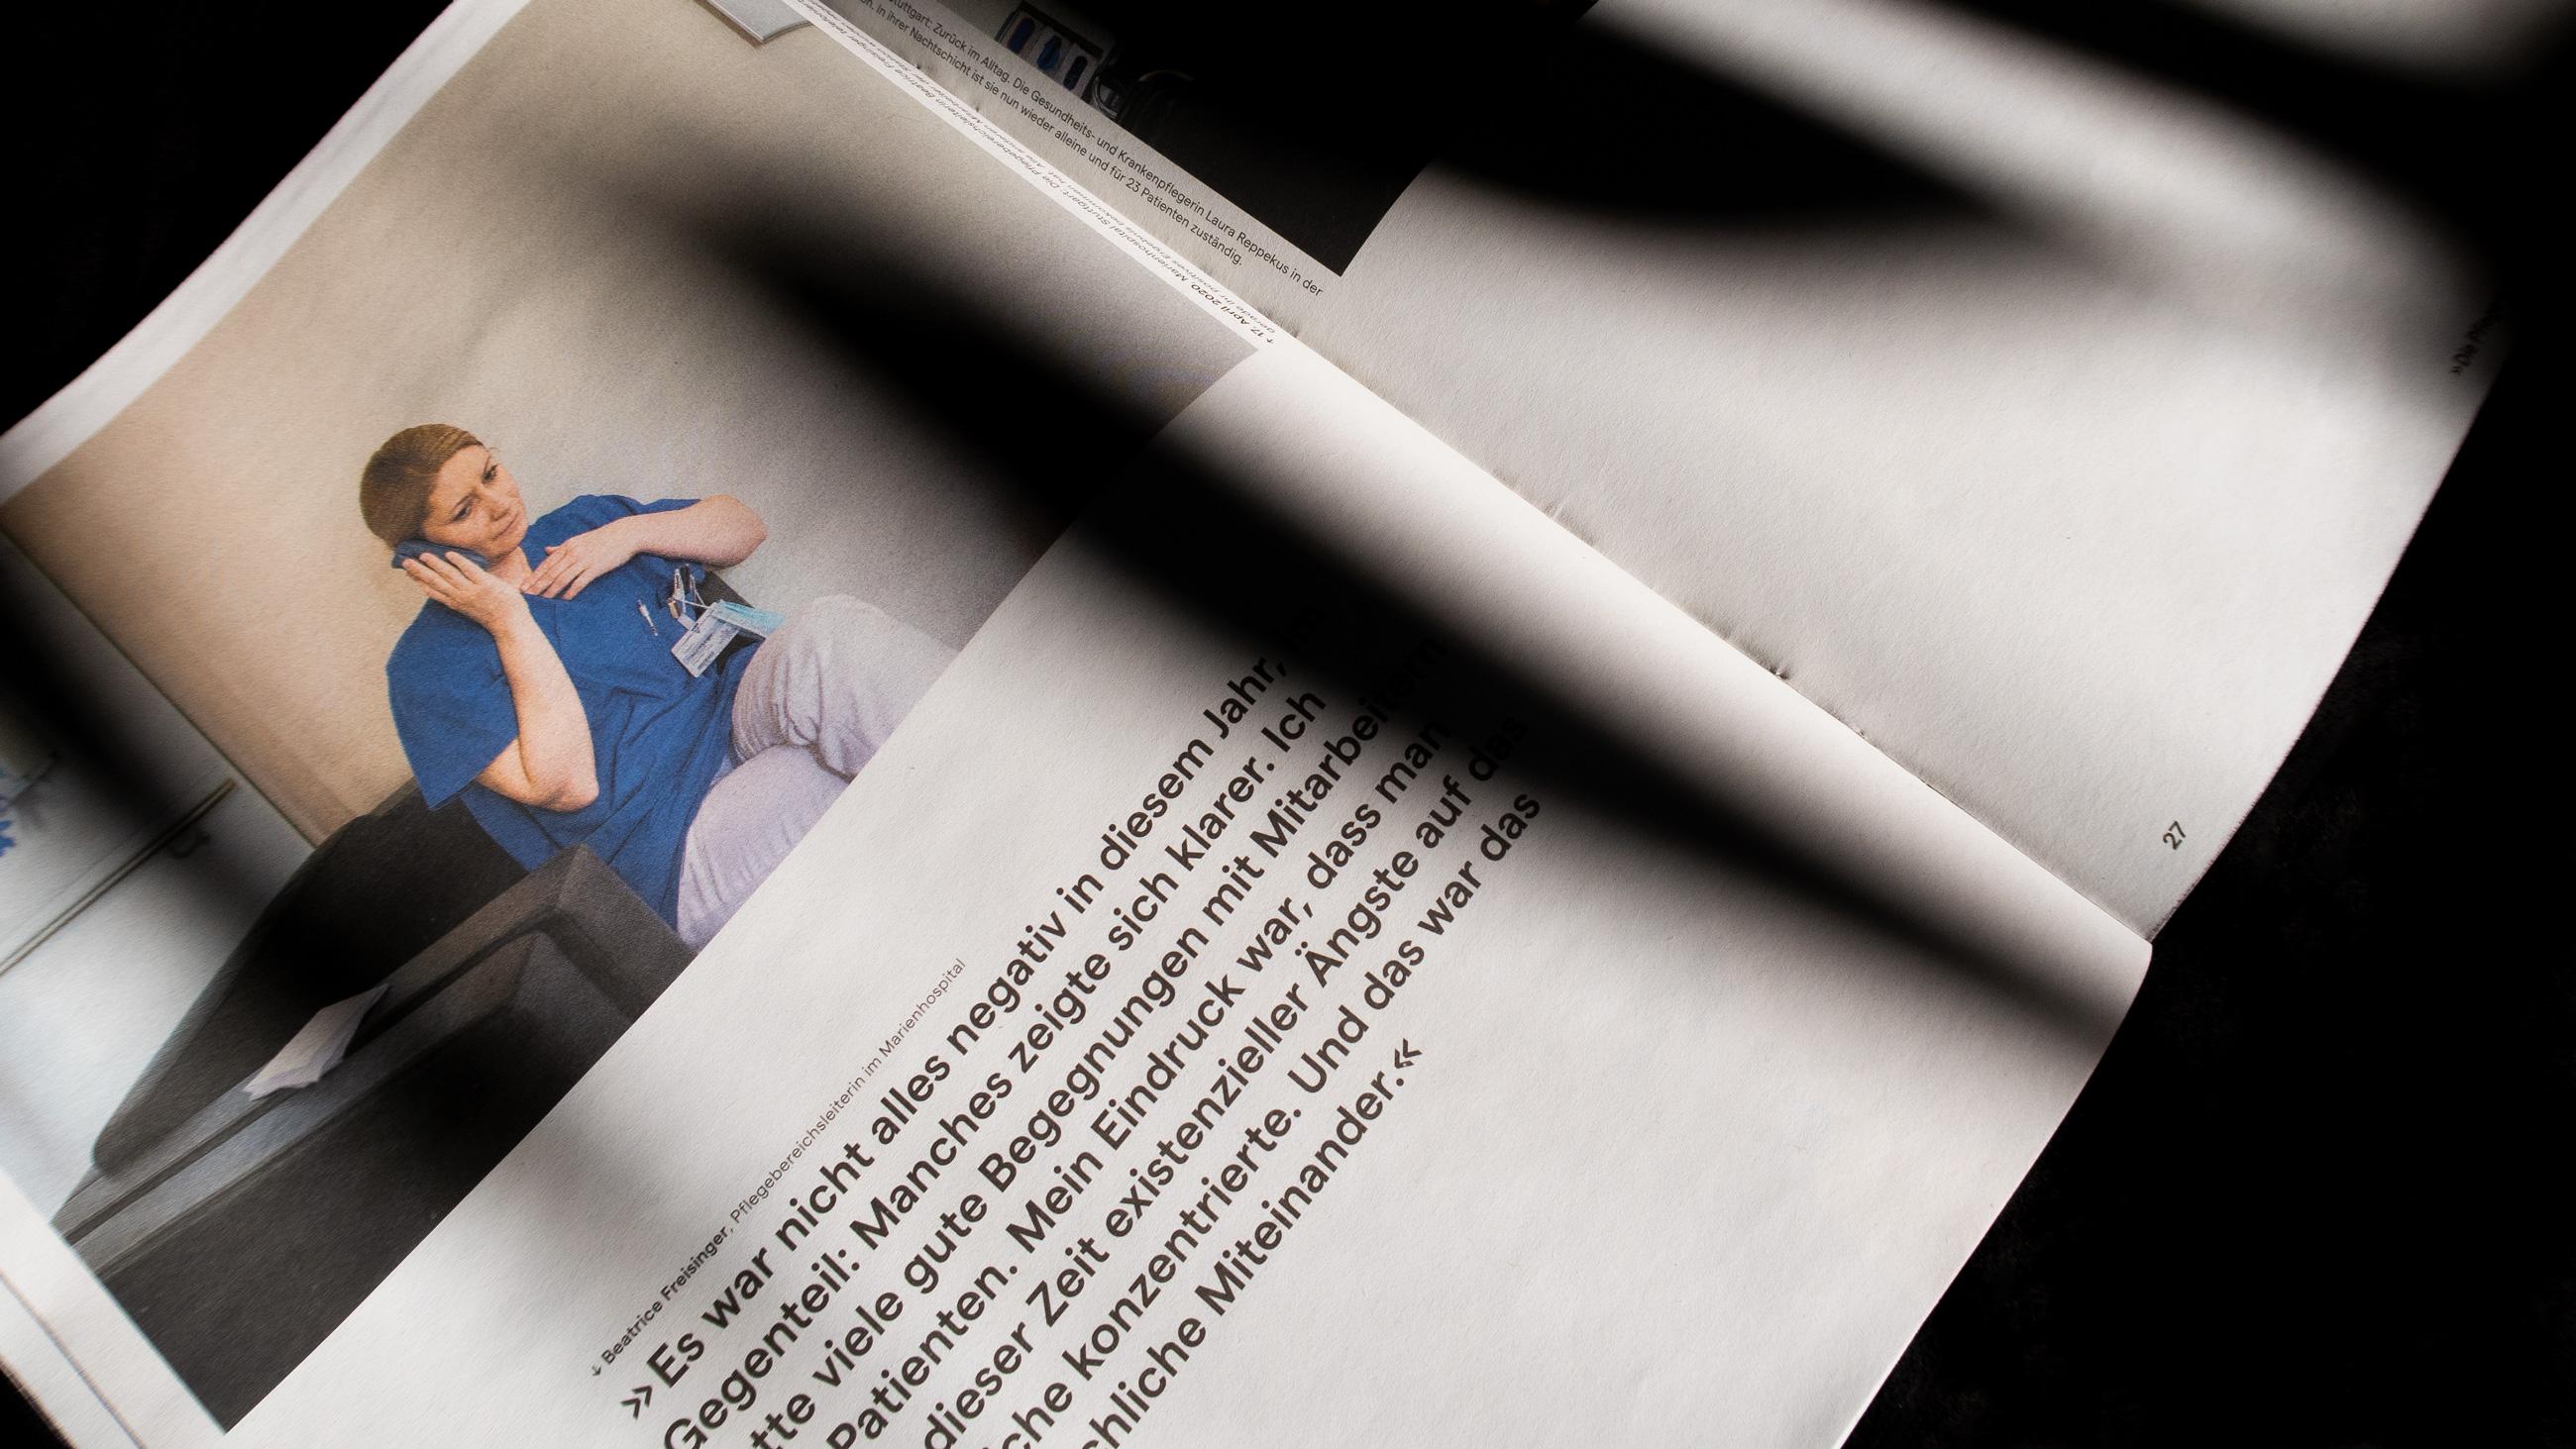 Doppelseite der Zeitung von Patrick junker aus stuttgart